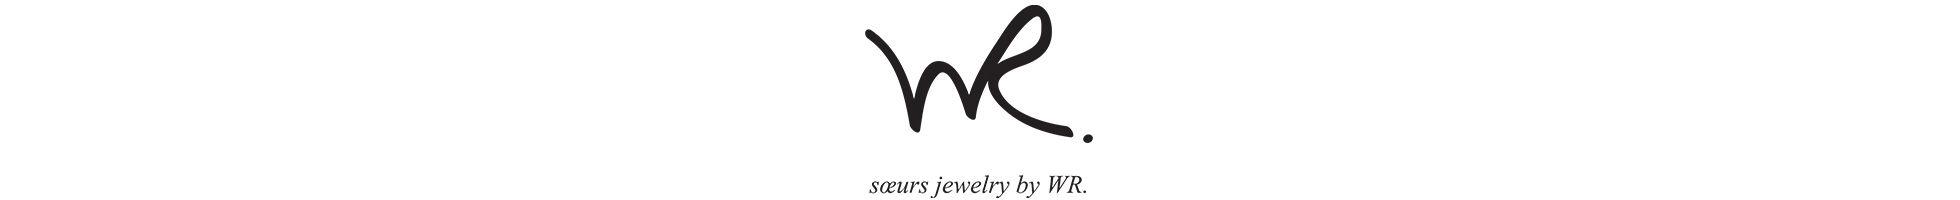 soeurs jewelry by WR